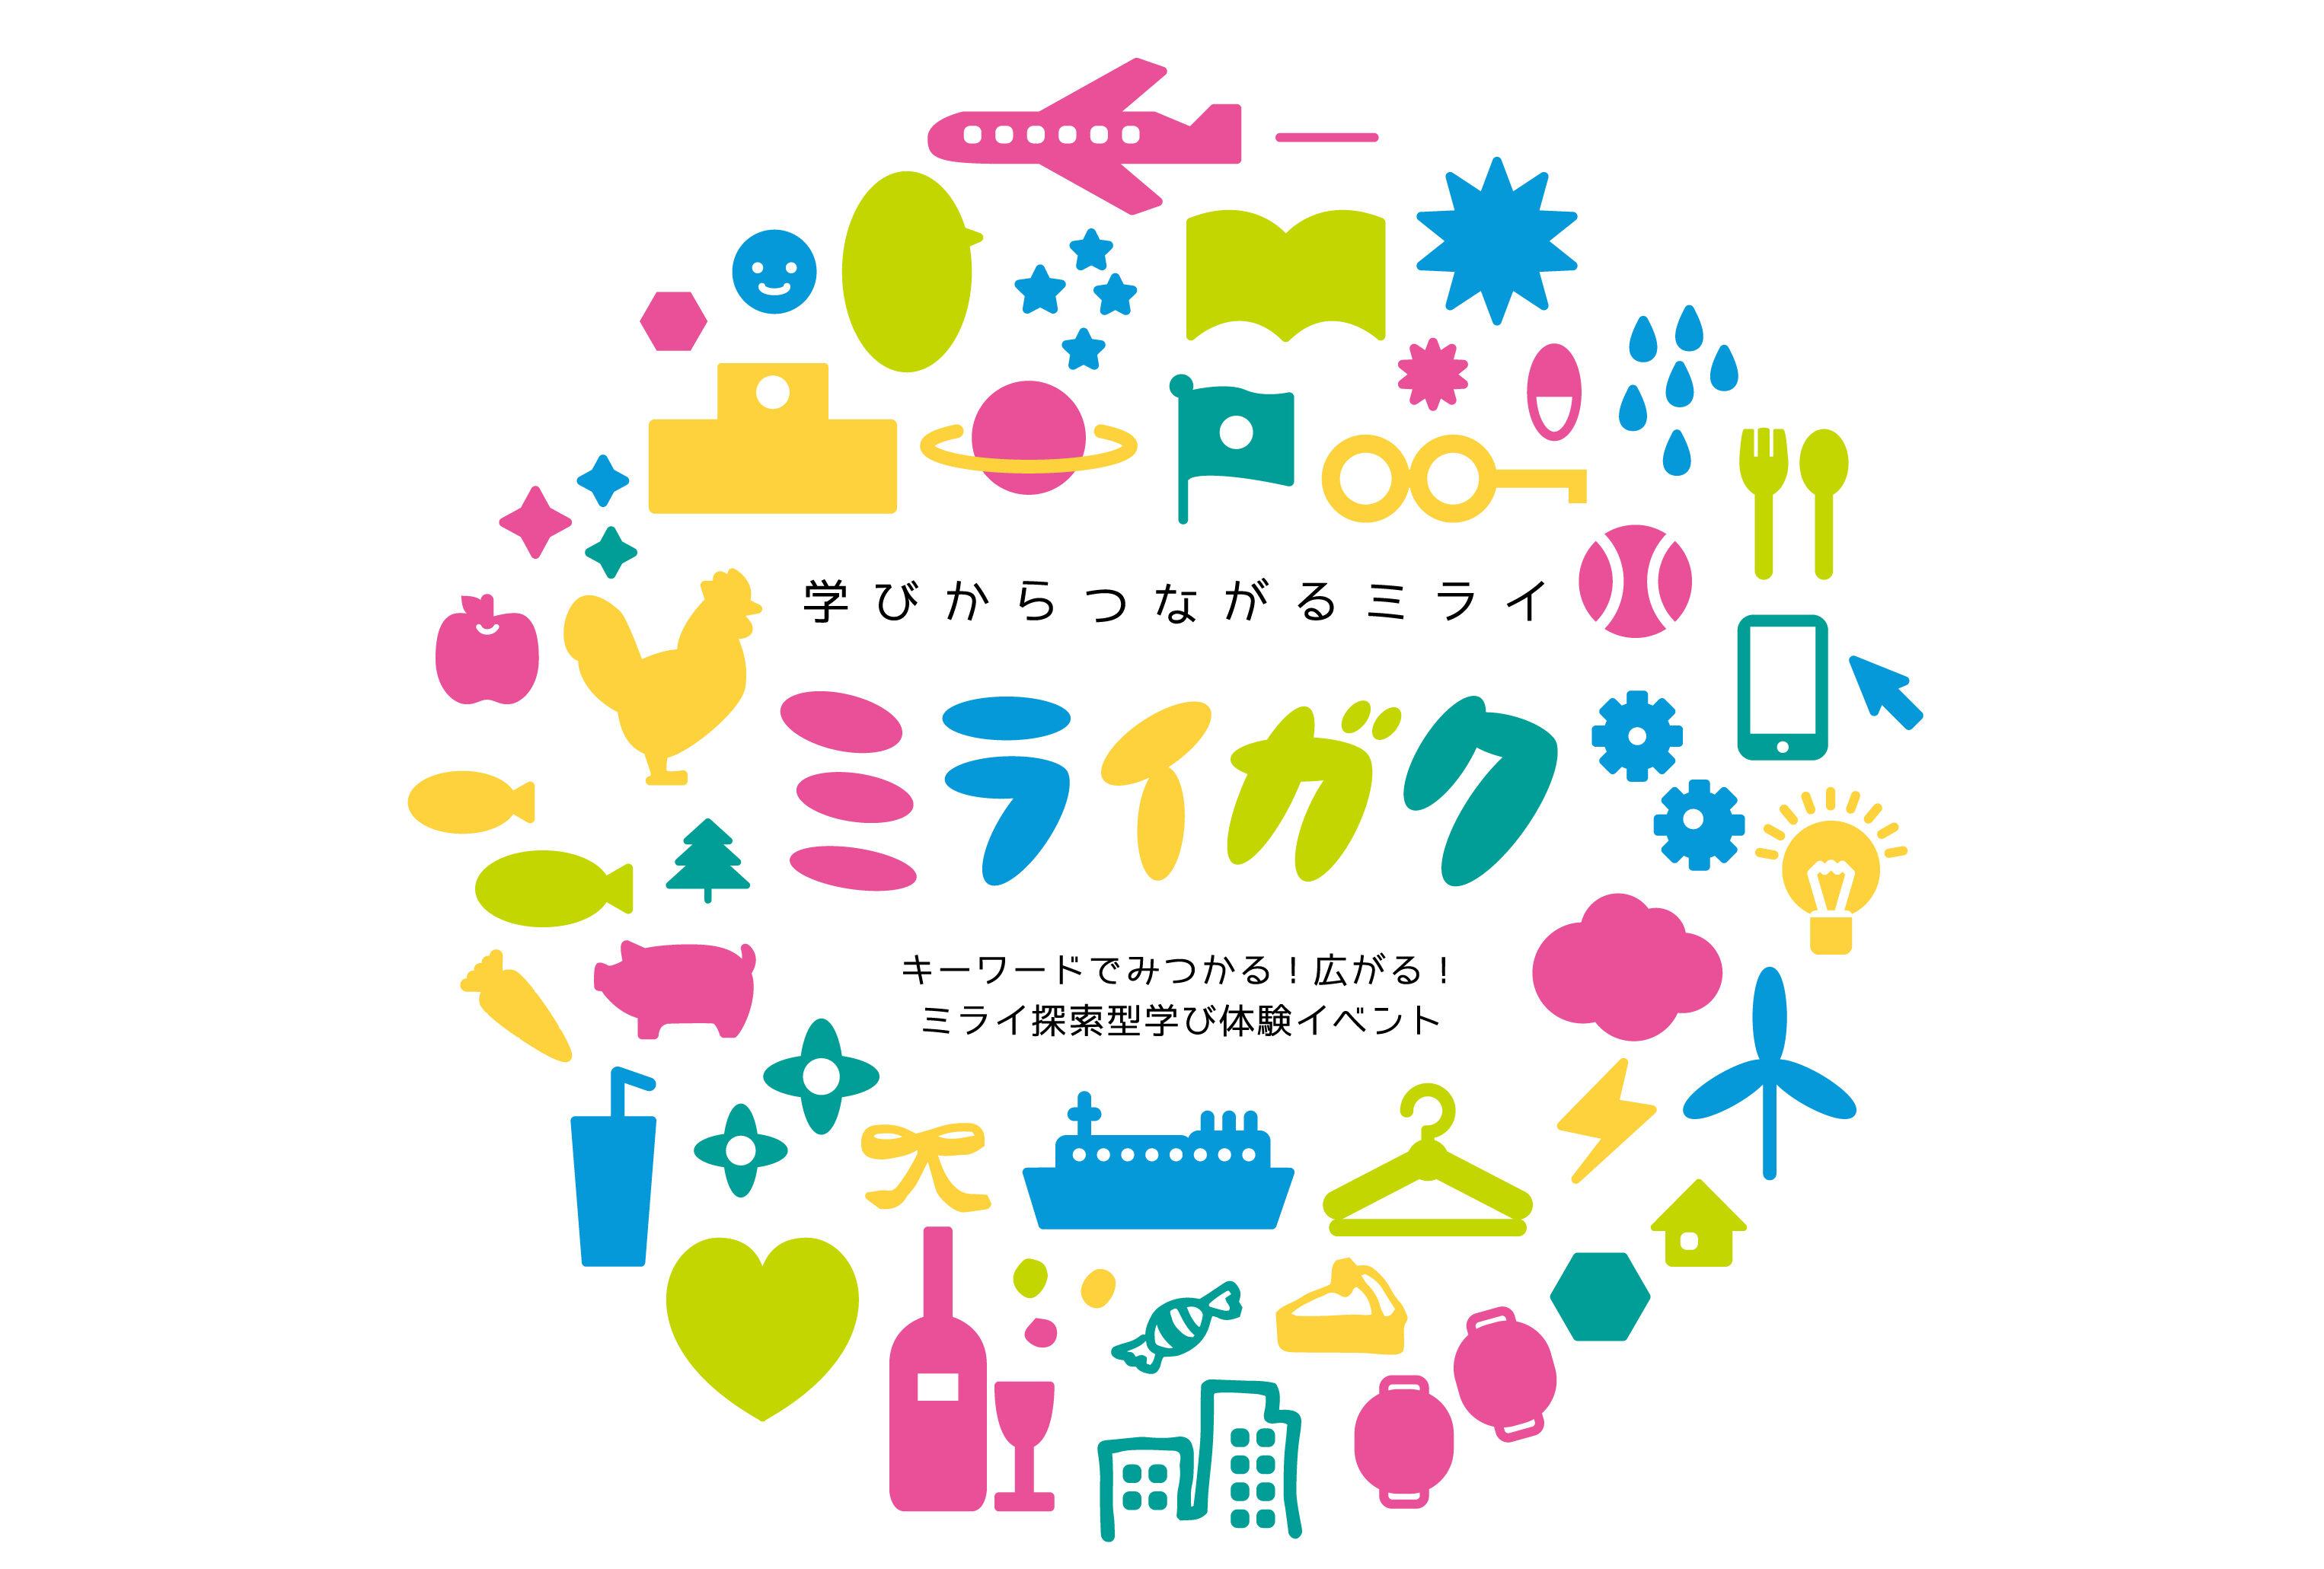 マイナビ ミライガク 2019(体験型イベント)に出展!